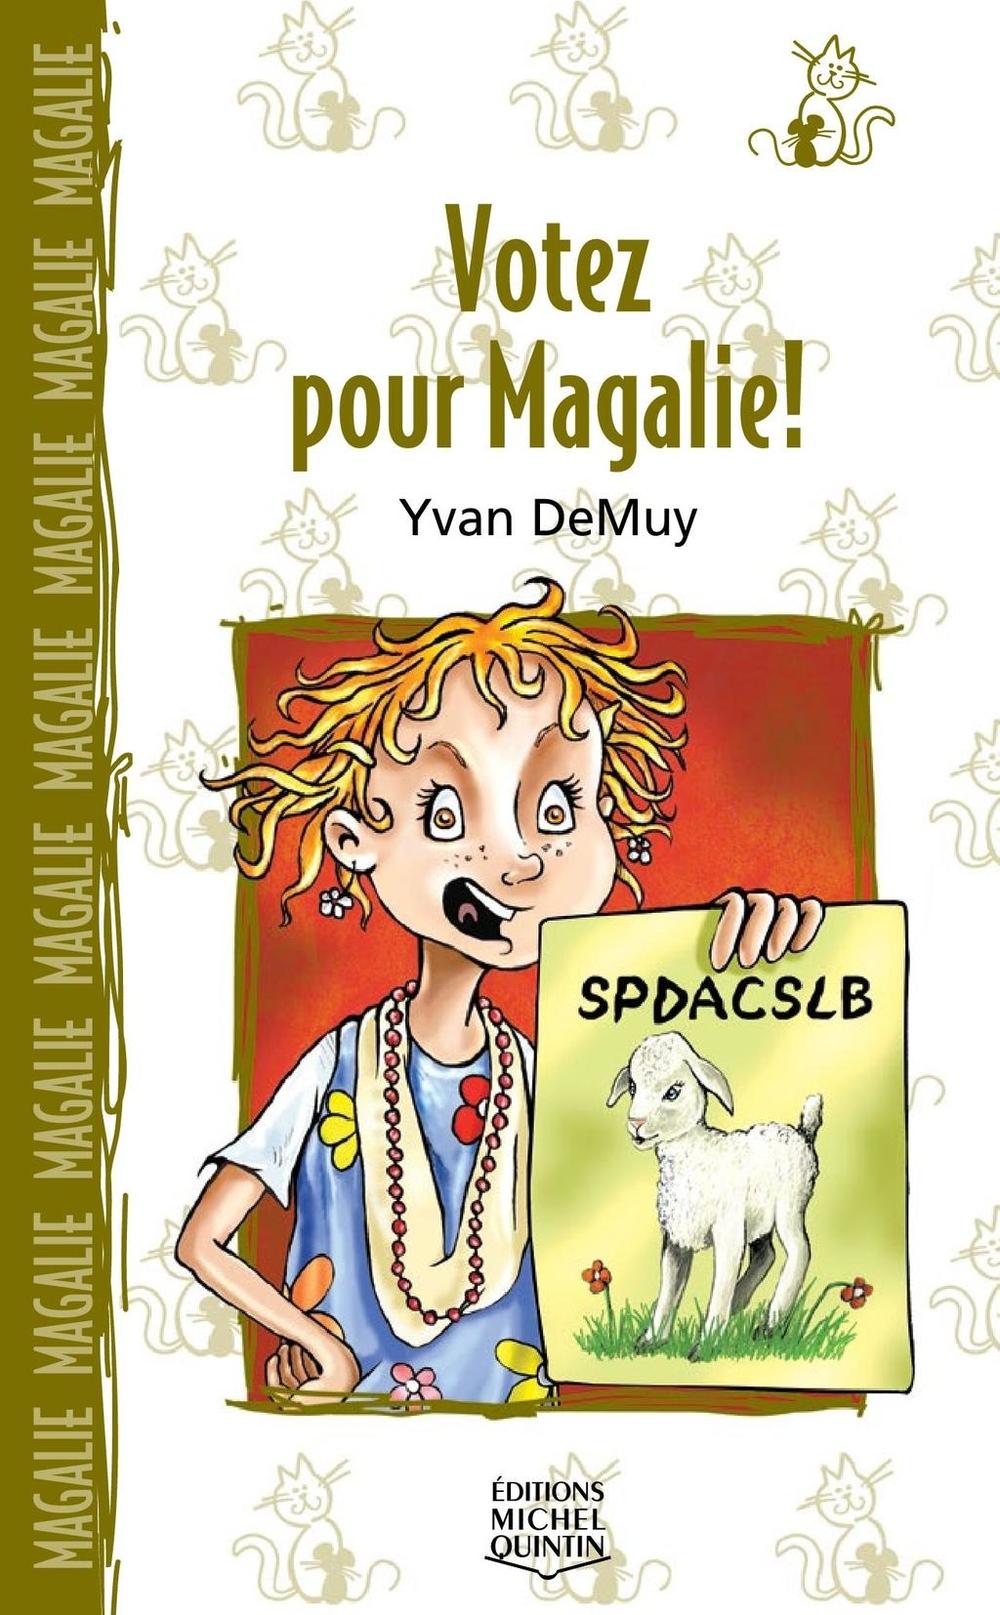 Magalie 4 - Votez pour Magalie!